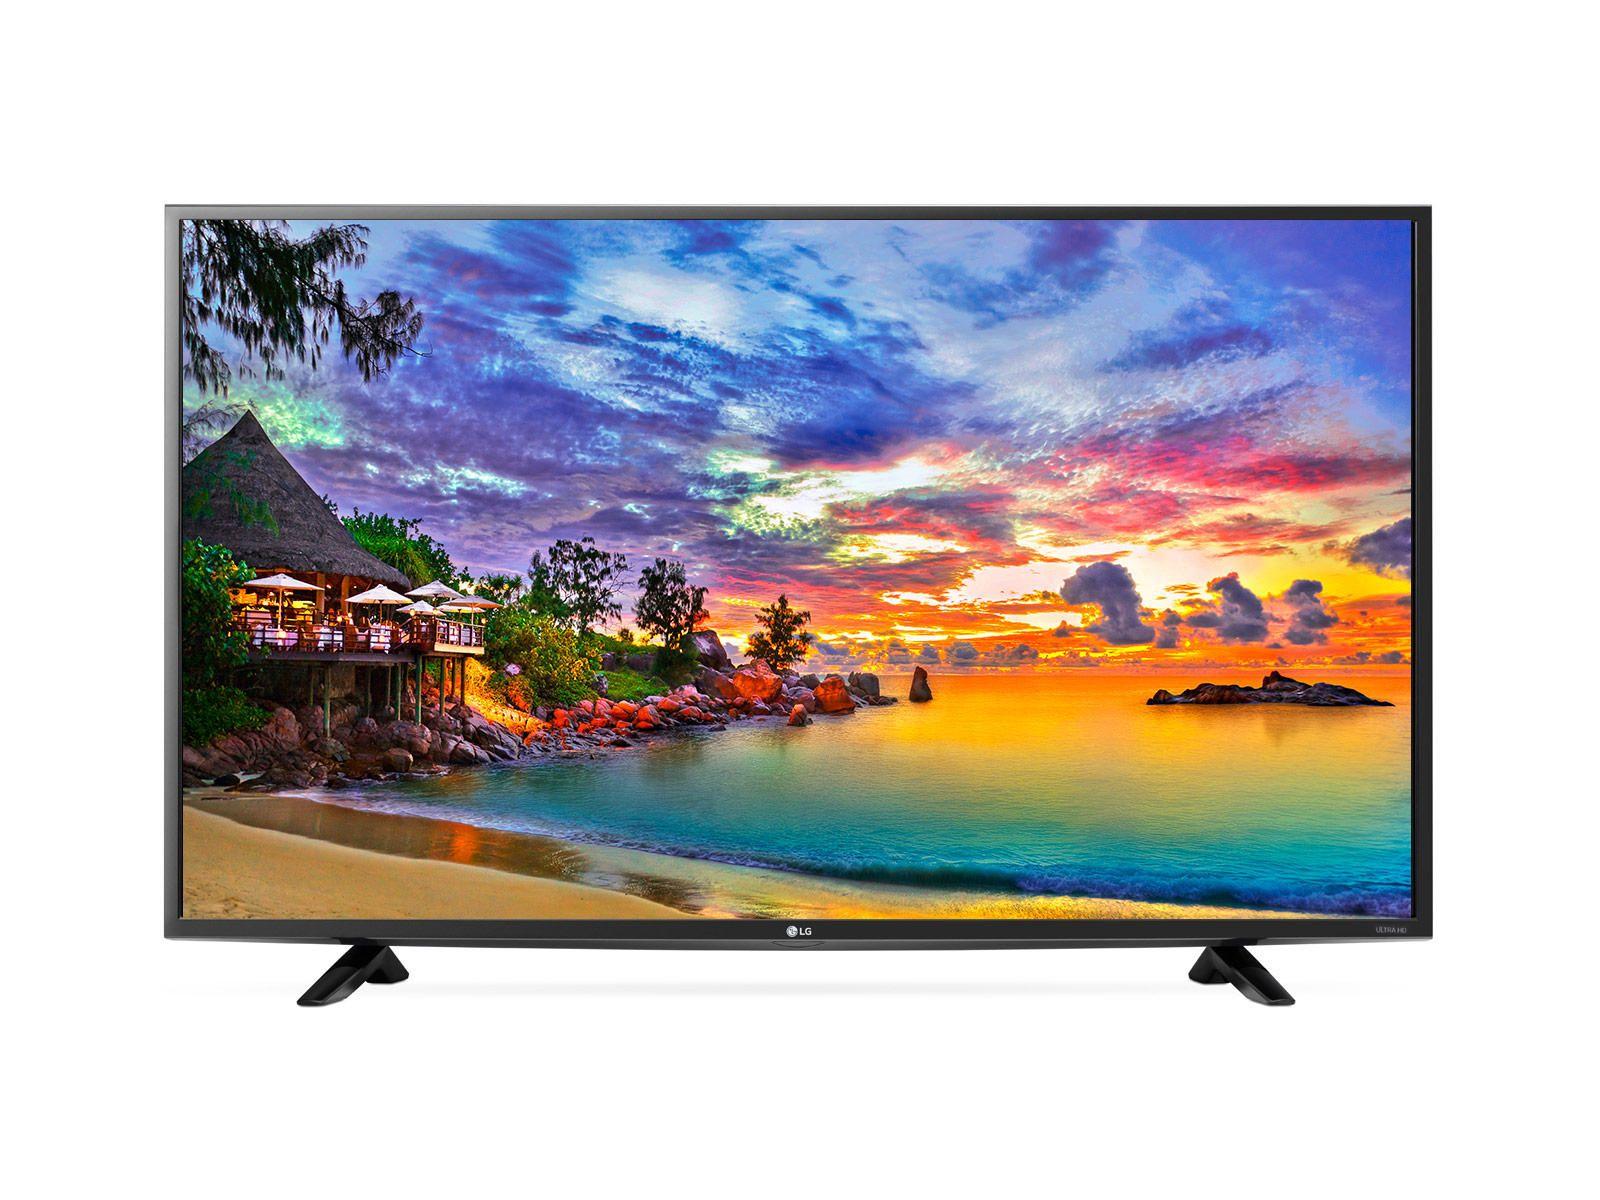 Además de fluidez y calidad en sus imágenes, el #televisor LG 49LF510V ofrece un panel #IPS de 49 pulgadas, 300Hz y resolución #FullHD. Es un televisor perfecto para cualquier persona que no tenga previsto usar #SmartTV ni 3D.